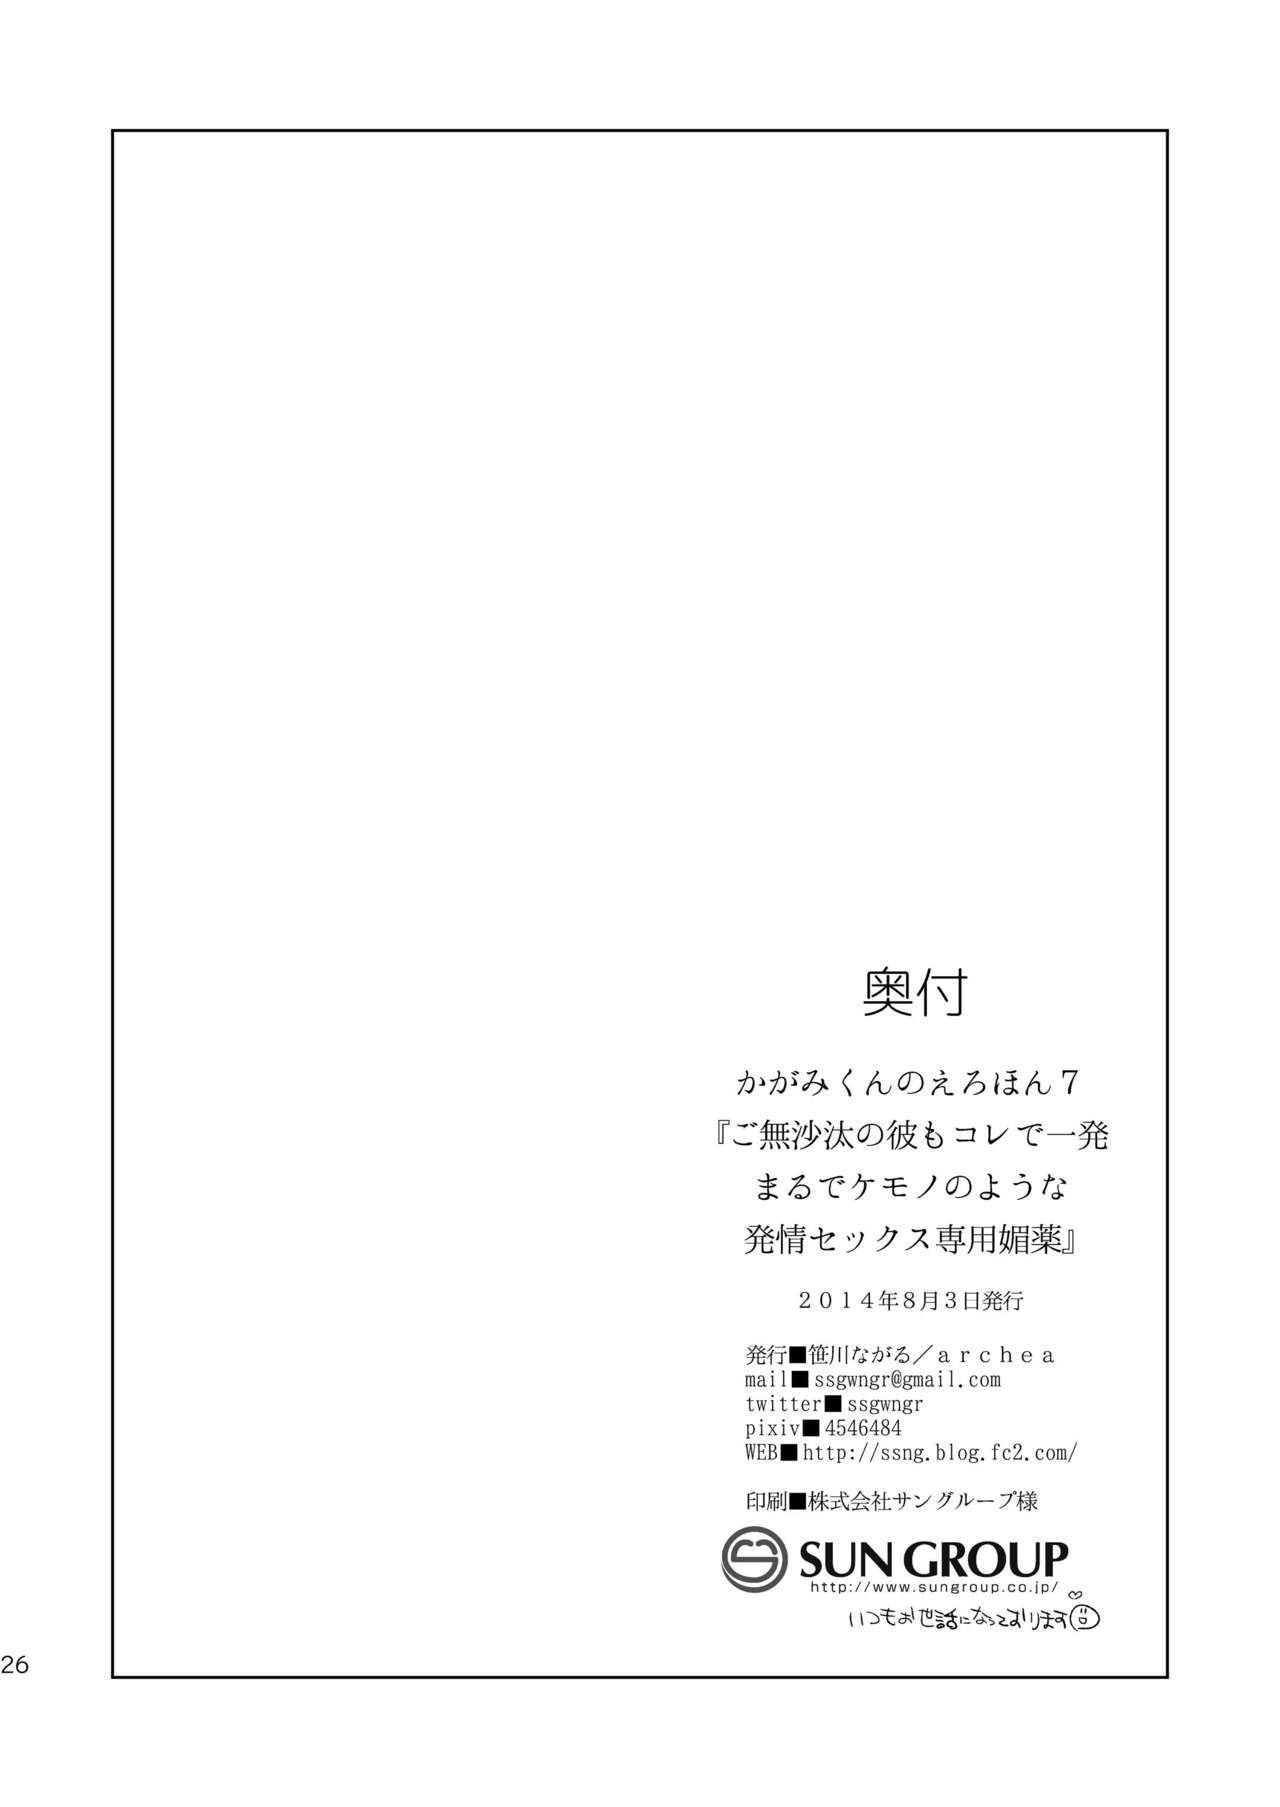 Kagami-kun no Ero hon 7 Gobusata no Kare mo Kore de Ippatsu Marude Kemono no Youna Hatsujou Sekkusu senyou Biyaku 24